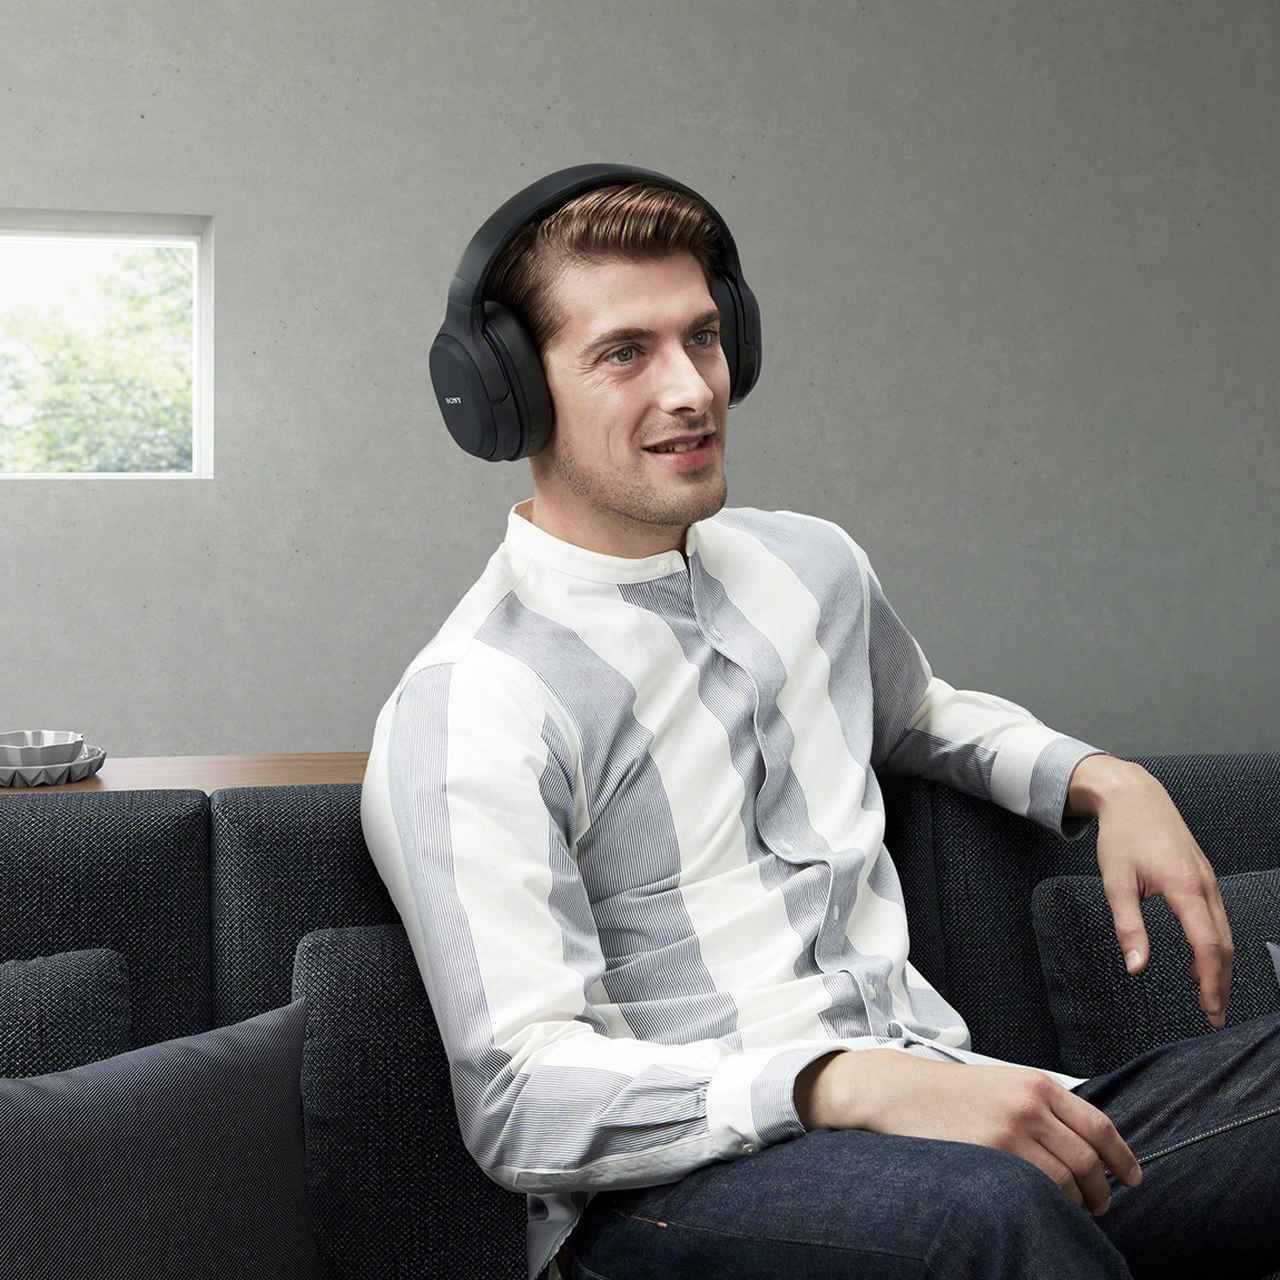 画像: ヘッドフォンはワイヤレスとなっており、ケーブルの長さを気にせずに使えるので快適。 www.amazon.co.jp